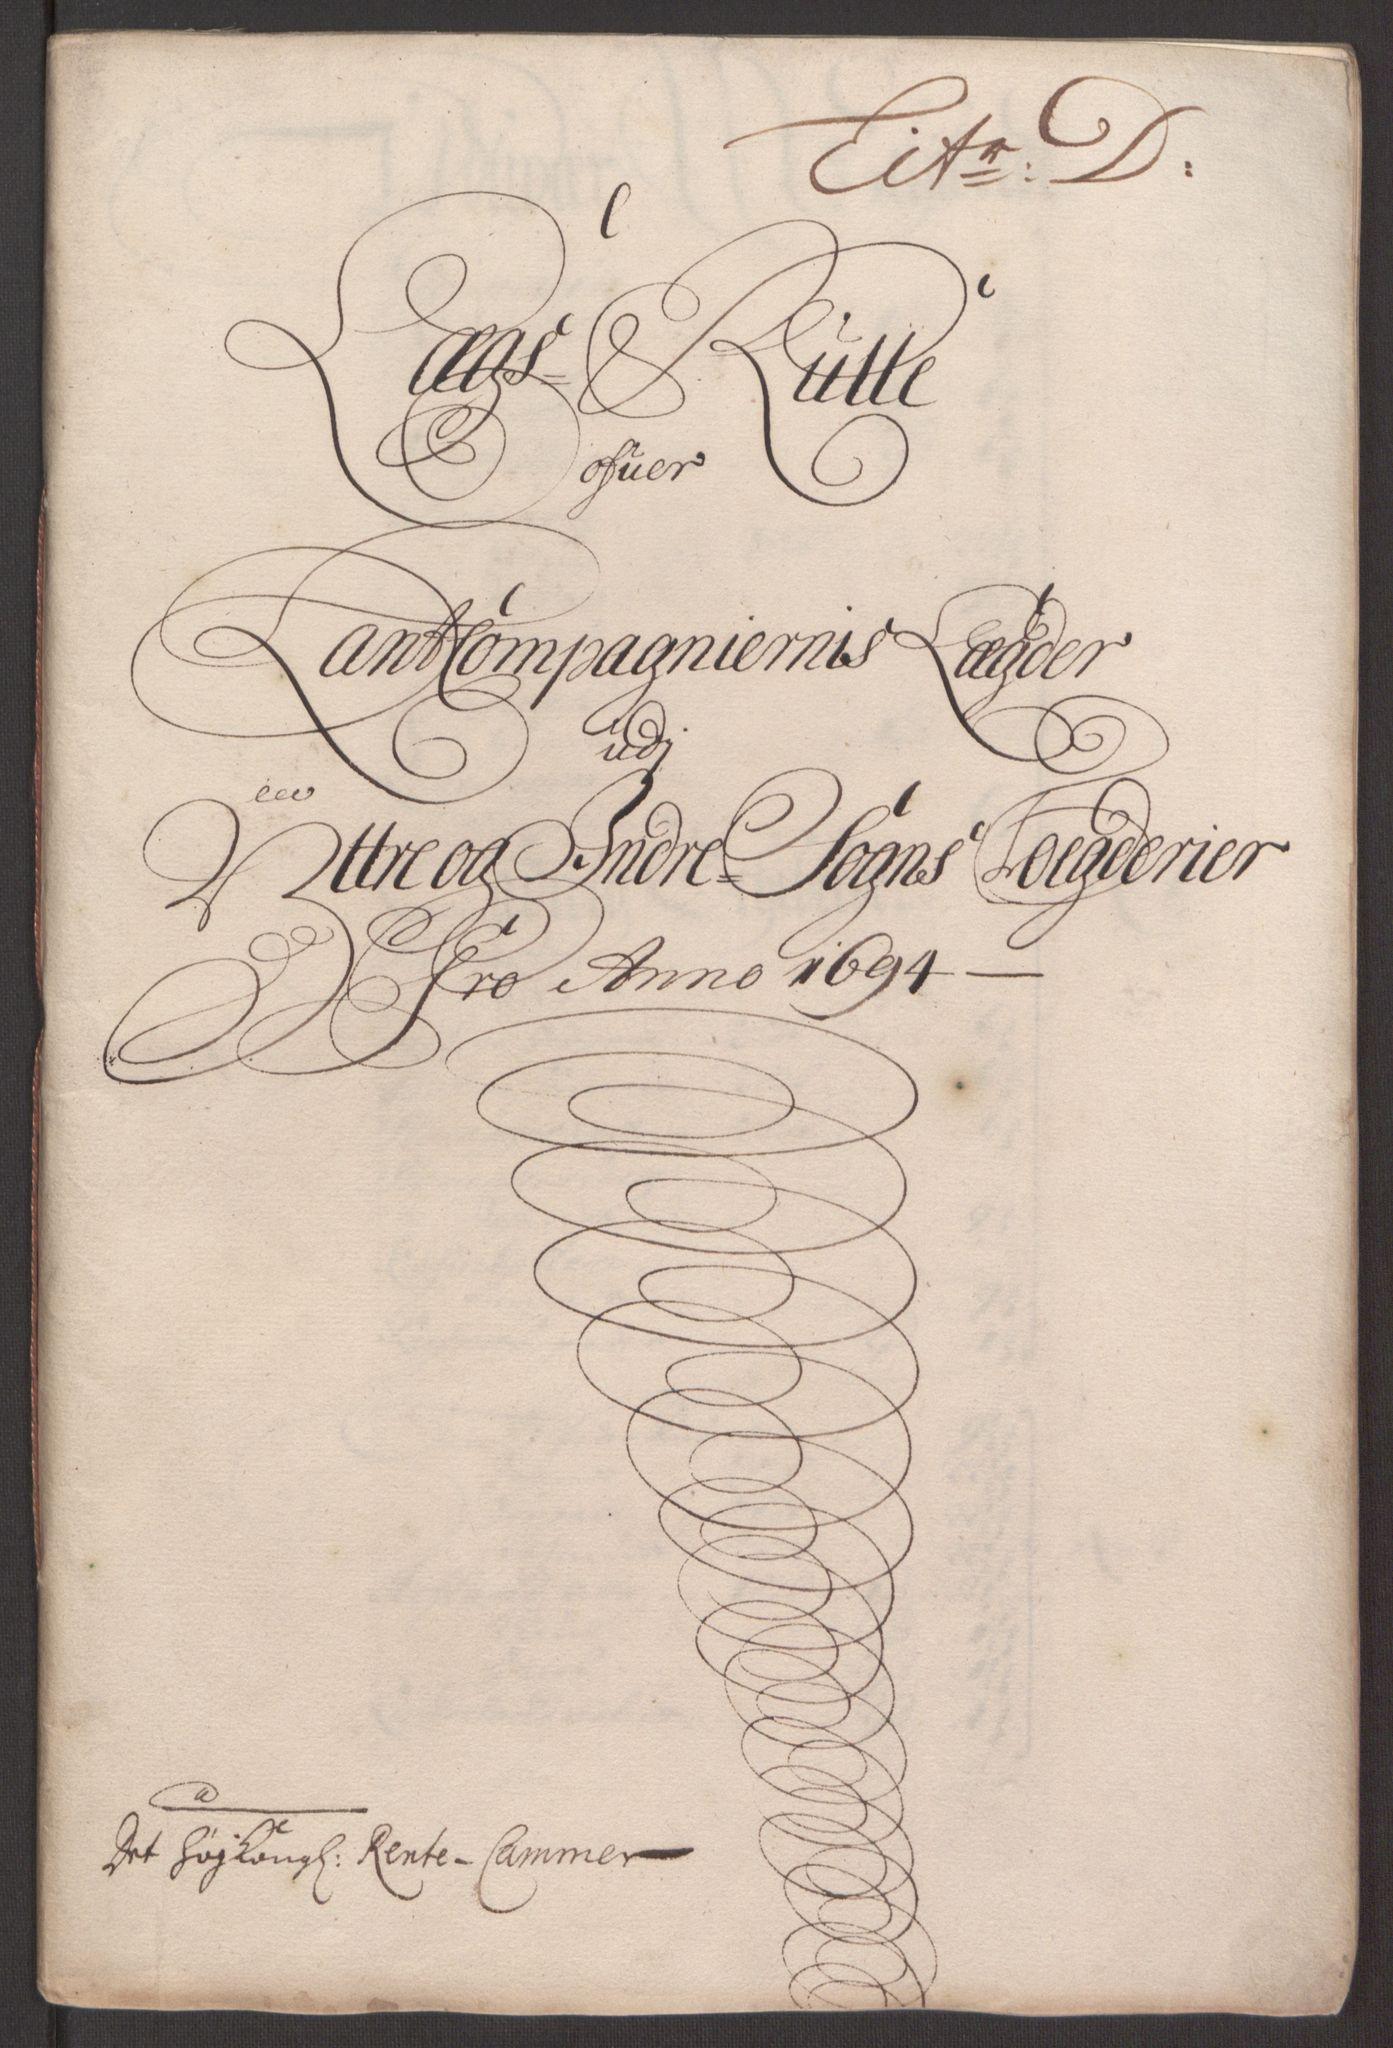 RA, Rentekammeret inntil 1814, Reviderte regnskaper, Fogderegnskap, R52/L3307: Fogderegnskap Sogn, 1693-1694, s. 385